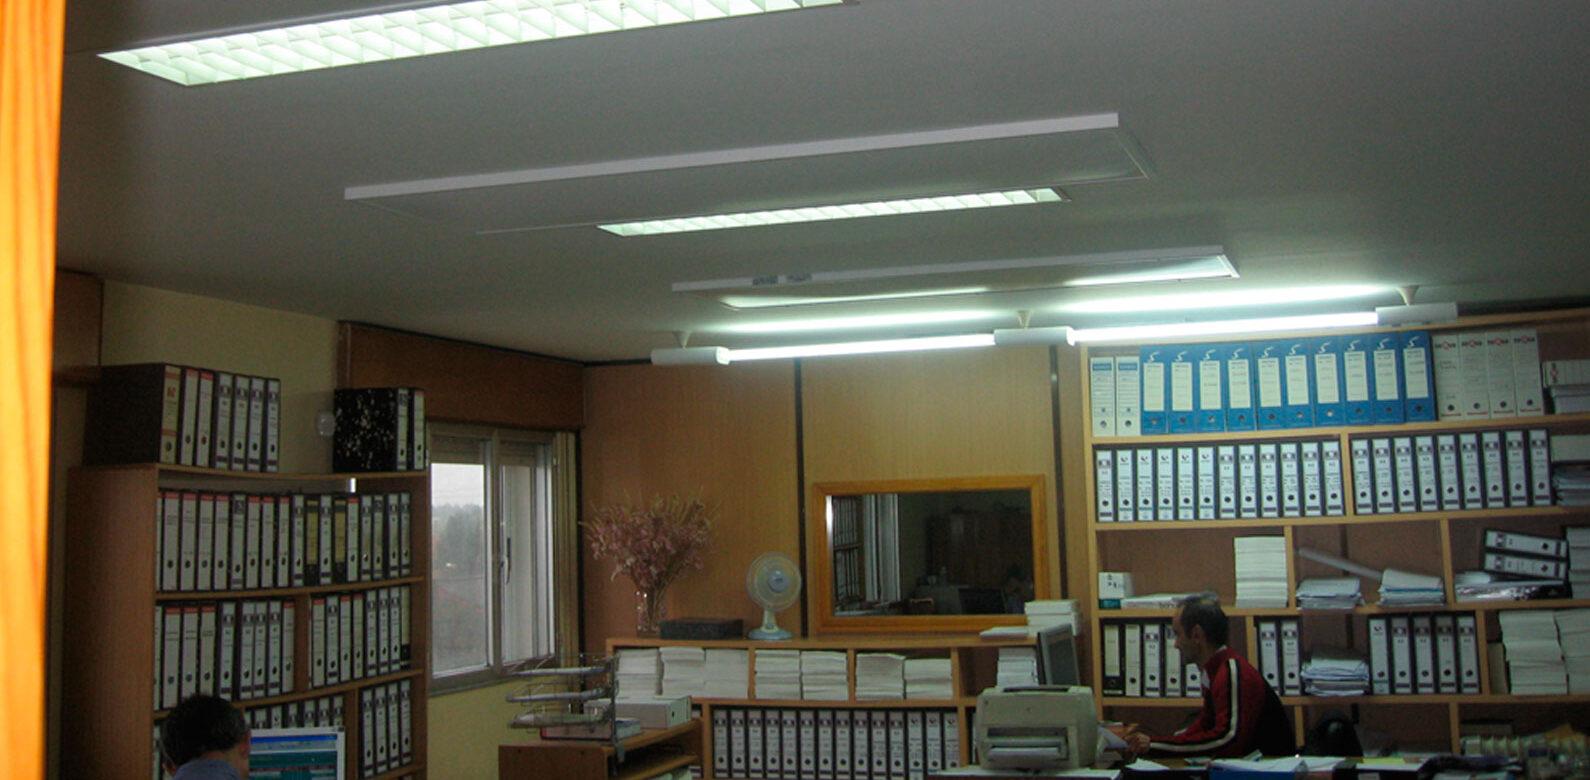 calefaccion-infrarrojos-oficina